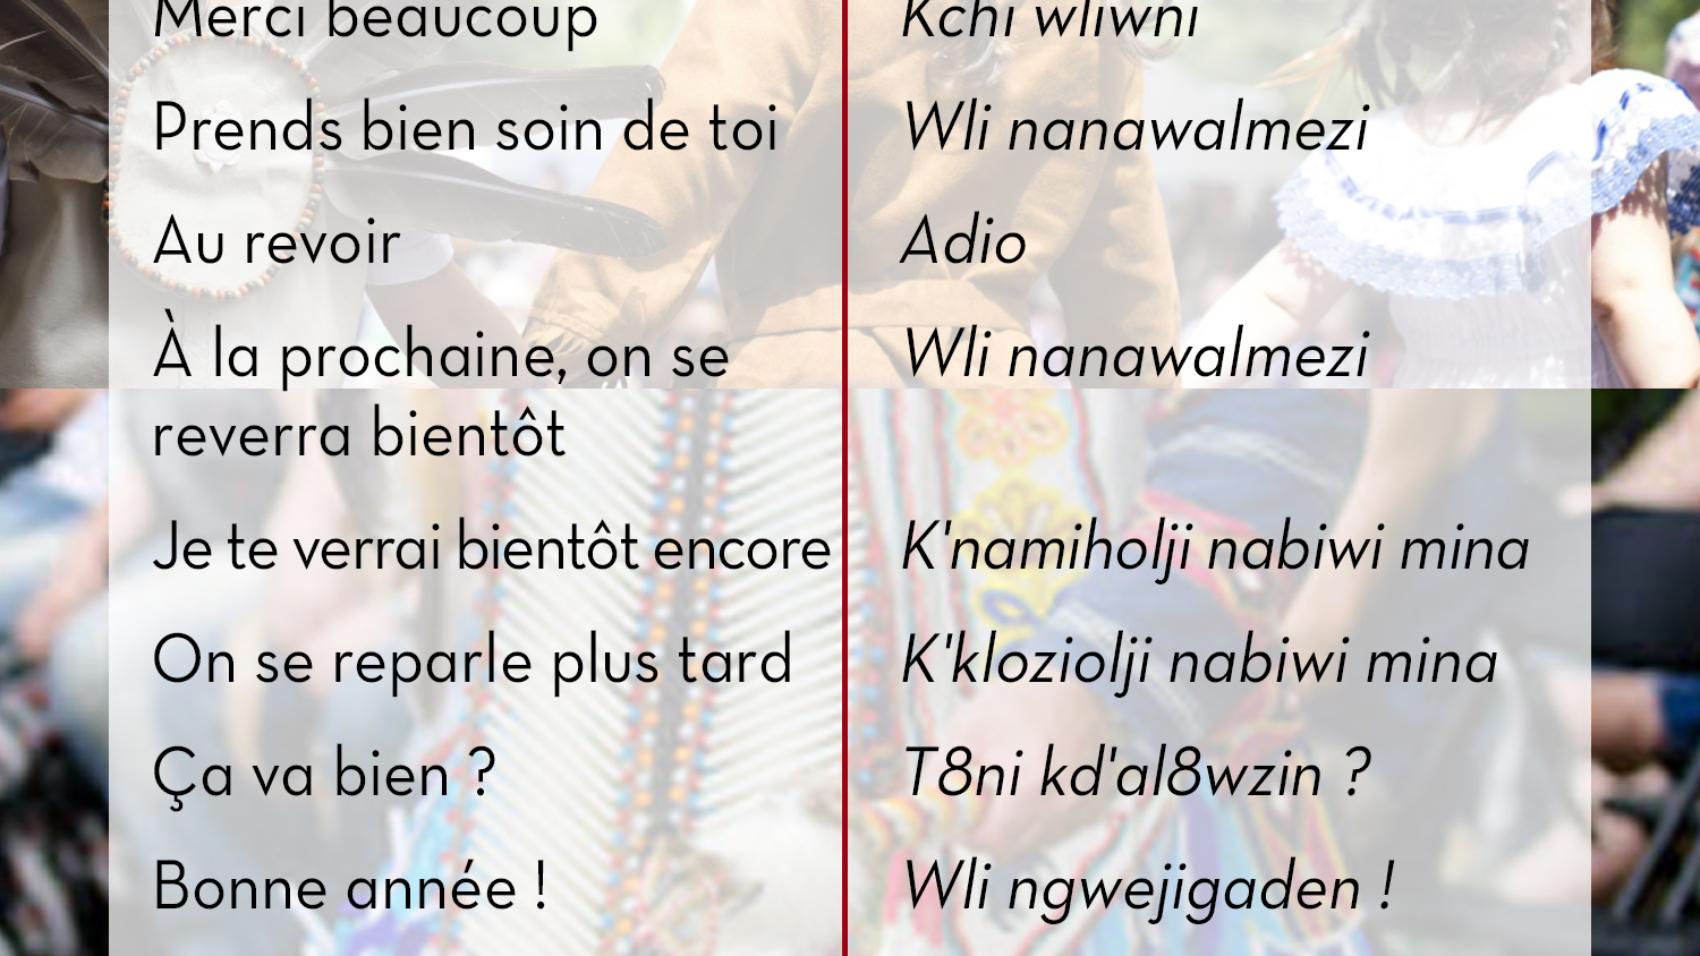 GCNWA_Petit-guide-de-salutation-en-Abénakis_FINAL